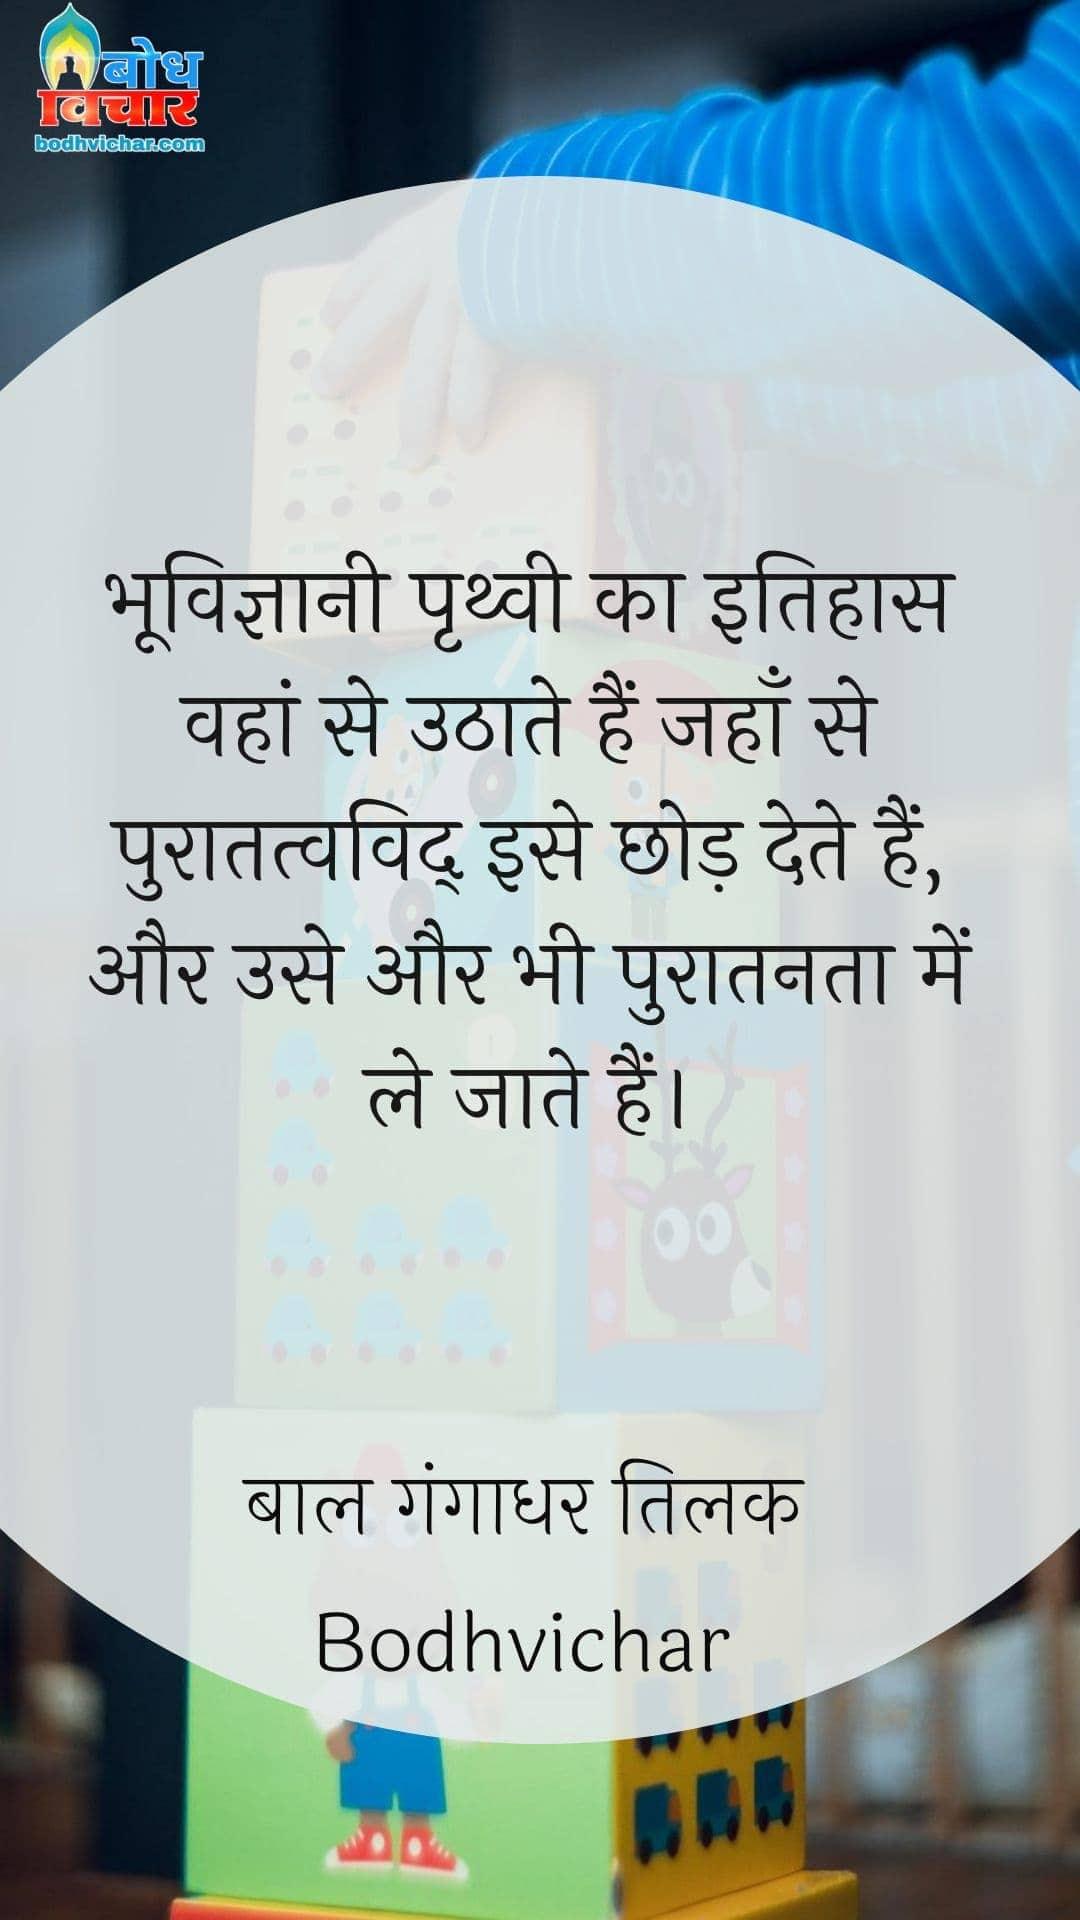 भूविज्ञानी पृथ्वी का इतिहास वहां से उठाते हैं जहाँ से पुरातत्वविद् इसे छोड़ देते हैं, और उसे और भी पुरातनता में ले जाते हैं। : Bhoo-vigyani prithvi ka itihaas wahan se uthaate hain jahan se puratatva-vid use chhod dete hain aur use bhi puratanta meinle jaate hain. - बाल गंगाधर तिलक